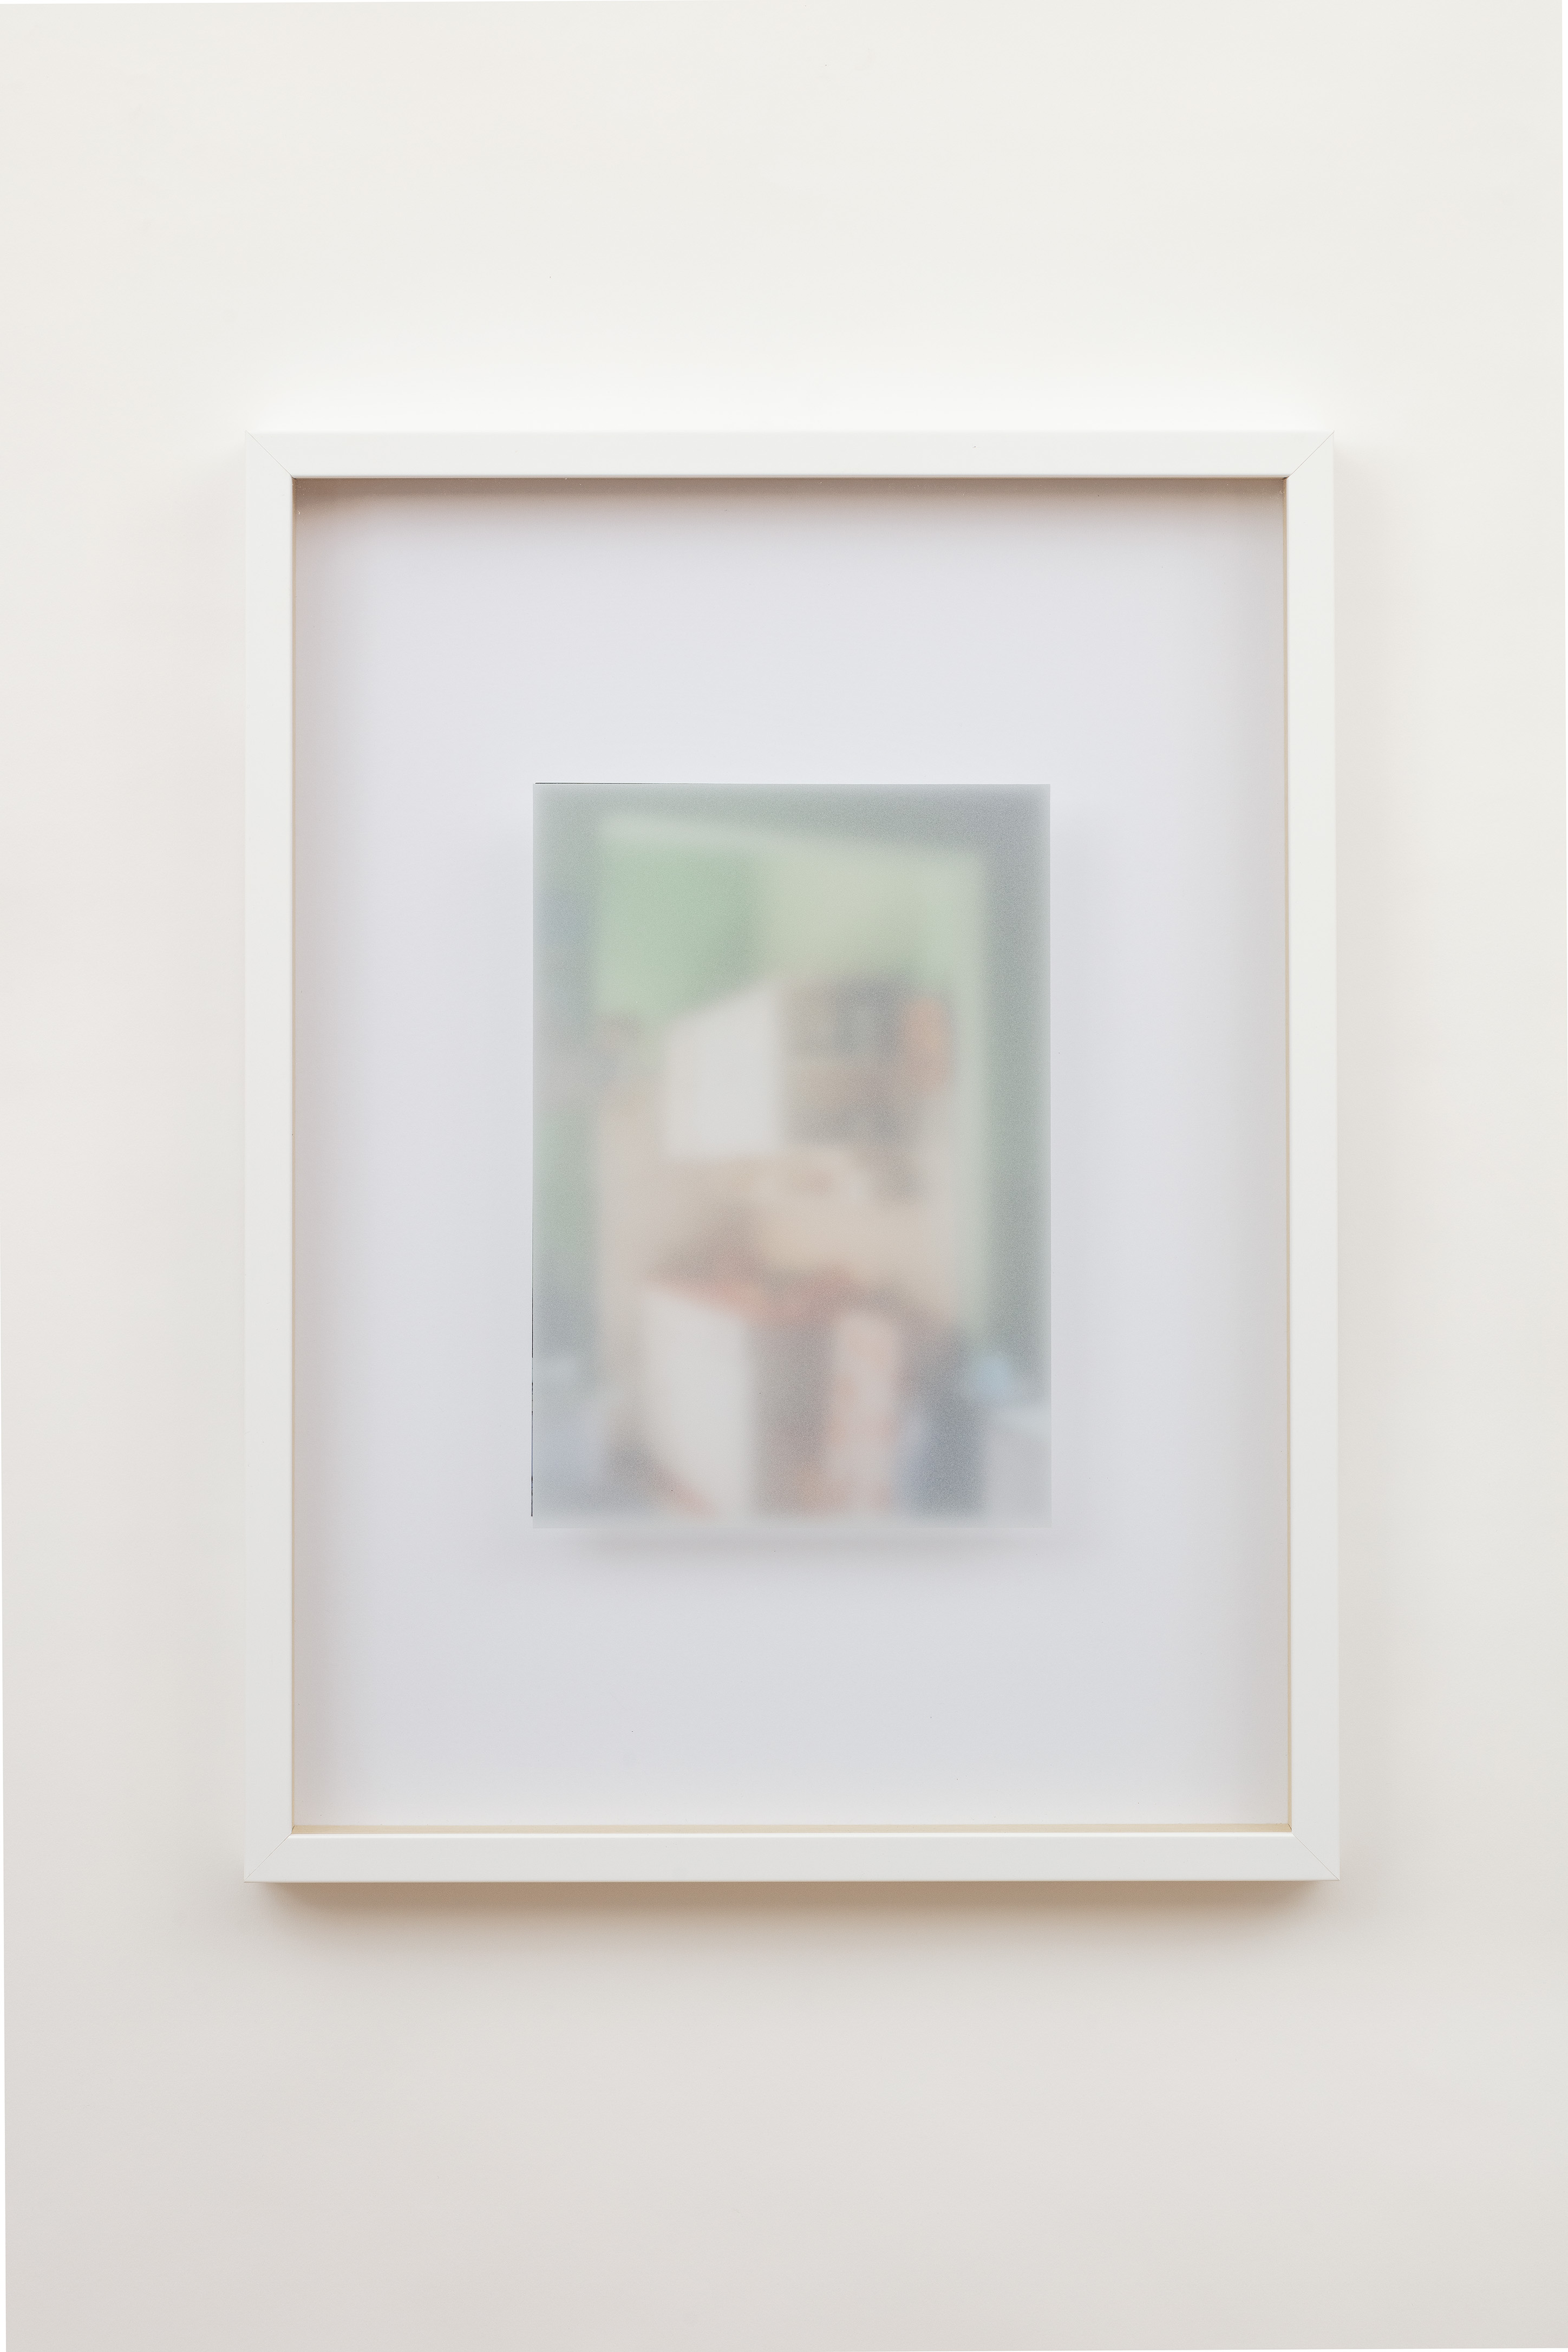 Stampa fotografica con cornice/vetro satinato 45x60